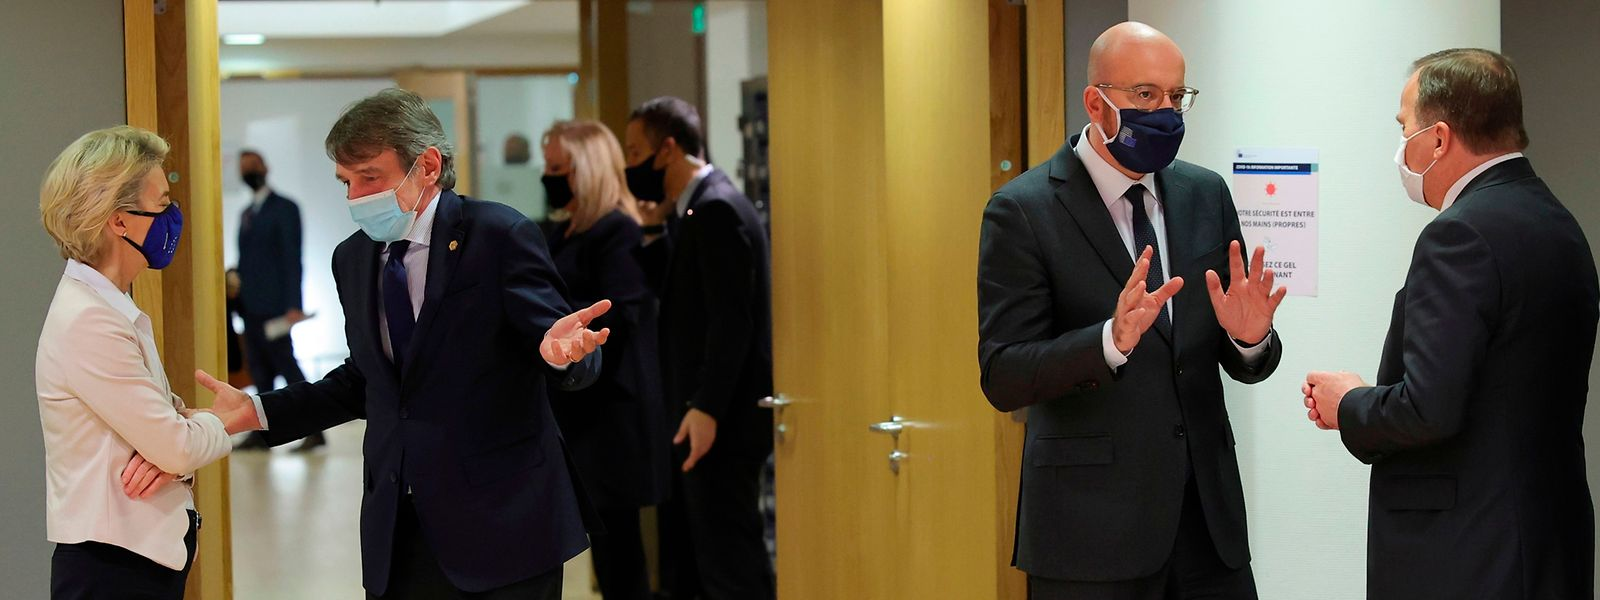 Die Staats- und Regierungschefs der Europäischen Union treffen sich zu einem Jahresendgipfel, bei dem es um Themen wie Klima, den  Sanktionen gegen die Türkei, dem Haushalt und den Plänen zur Bekämpfung des Virus geht.